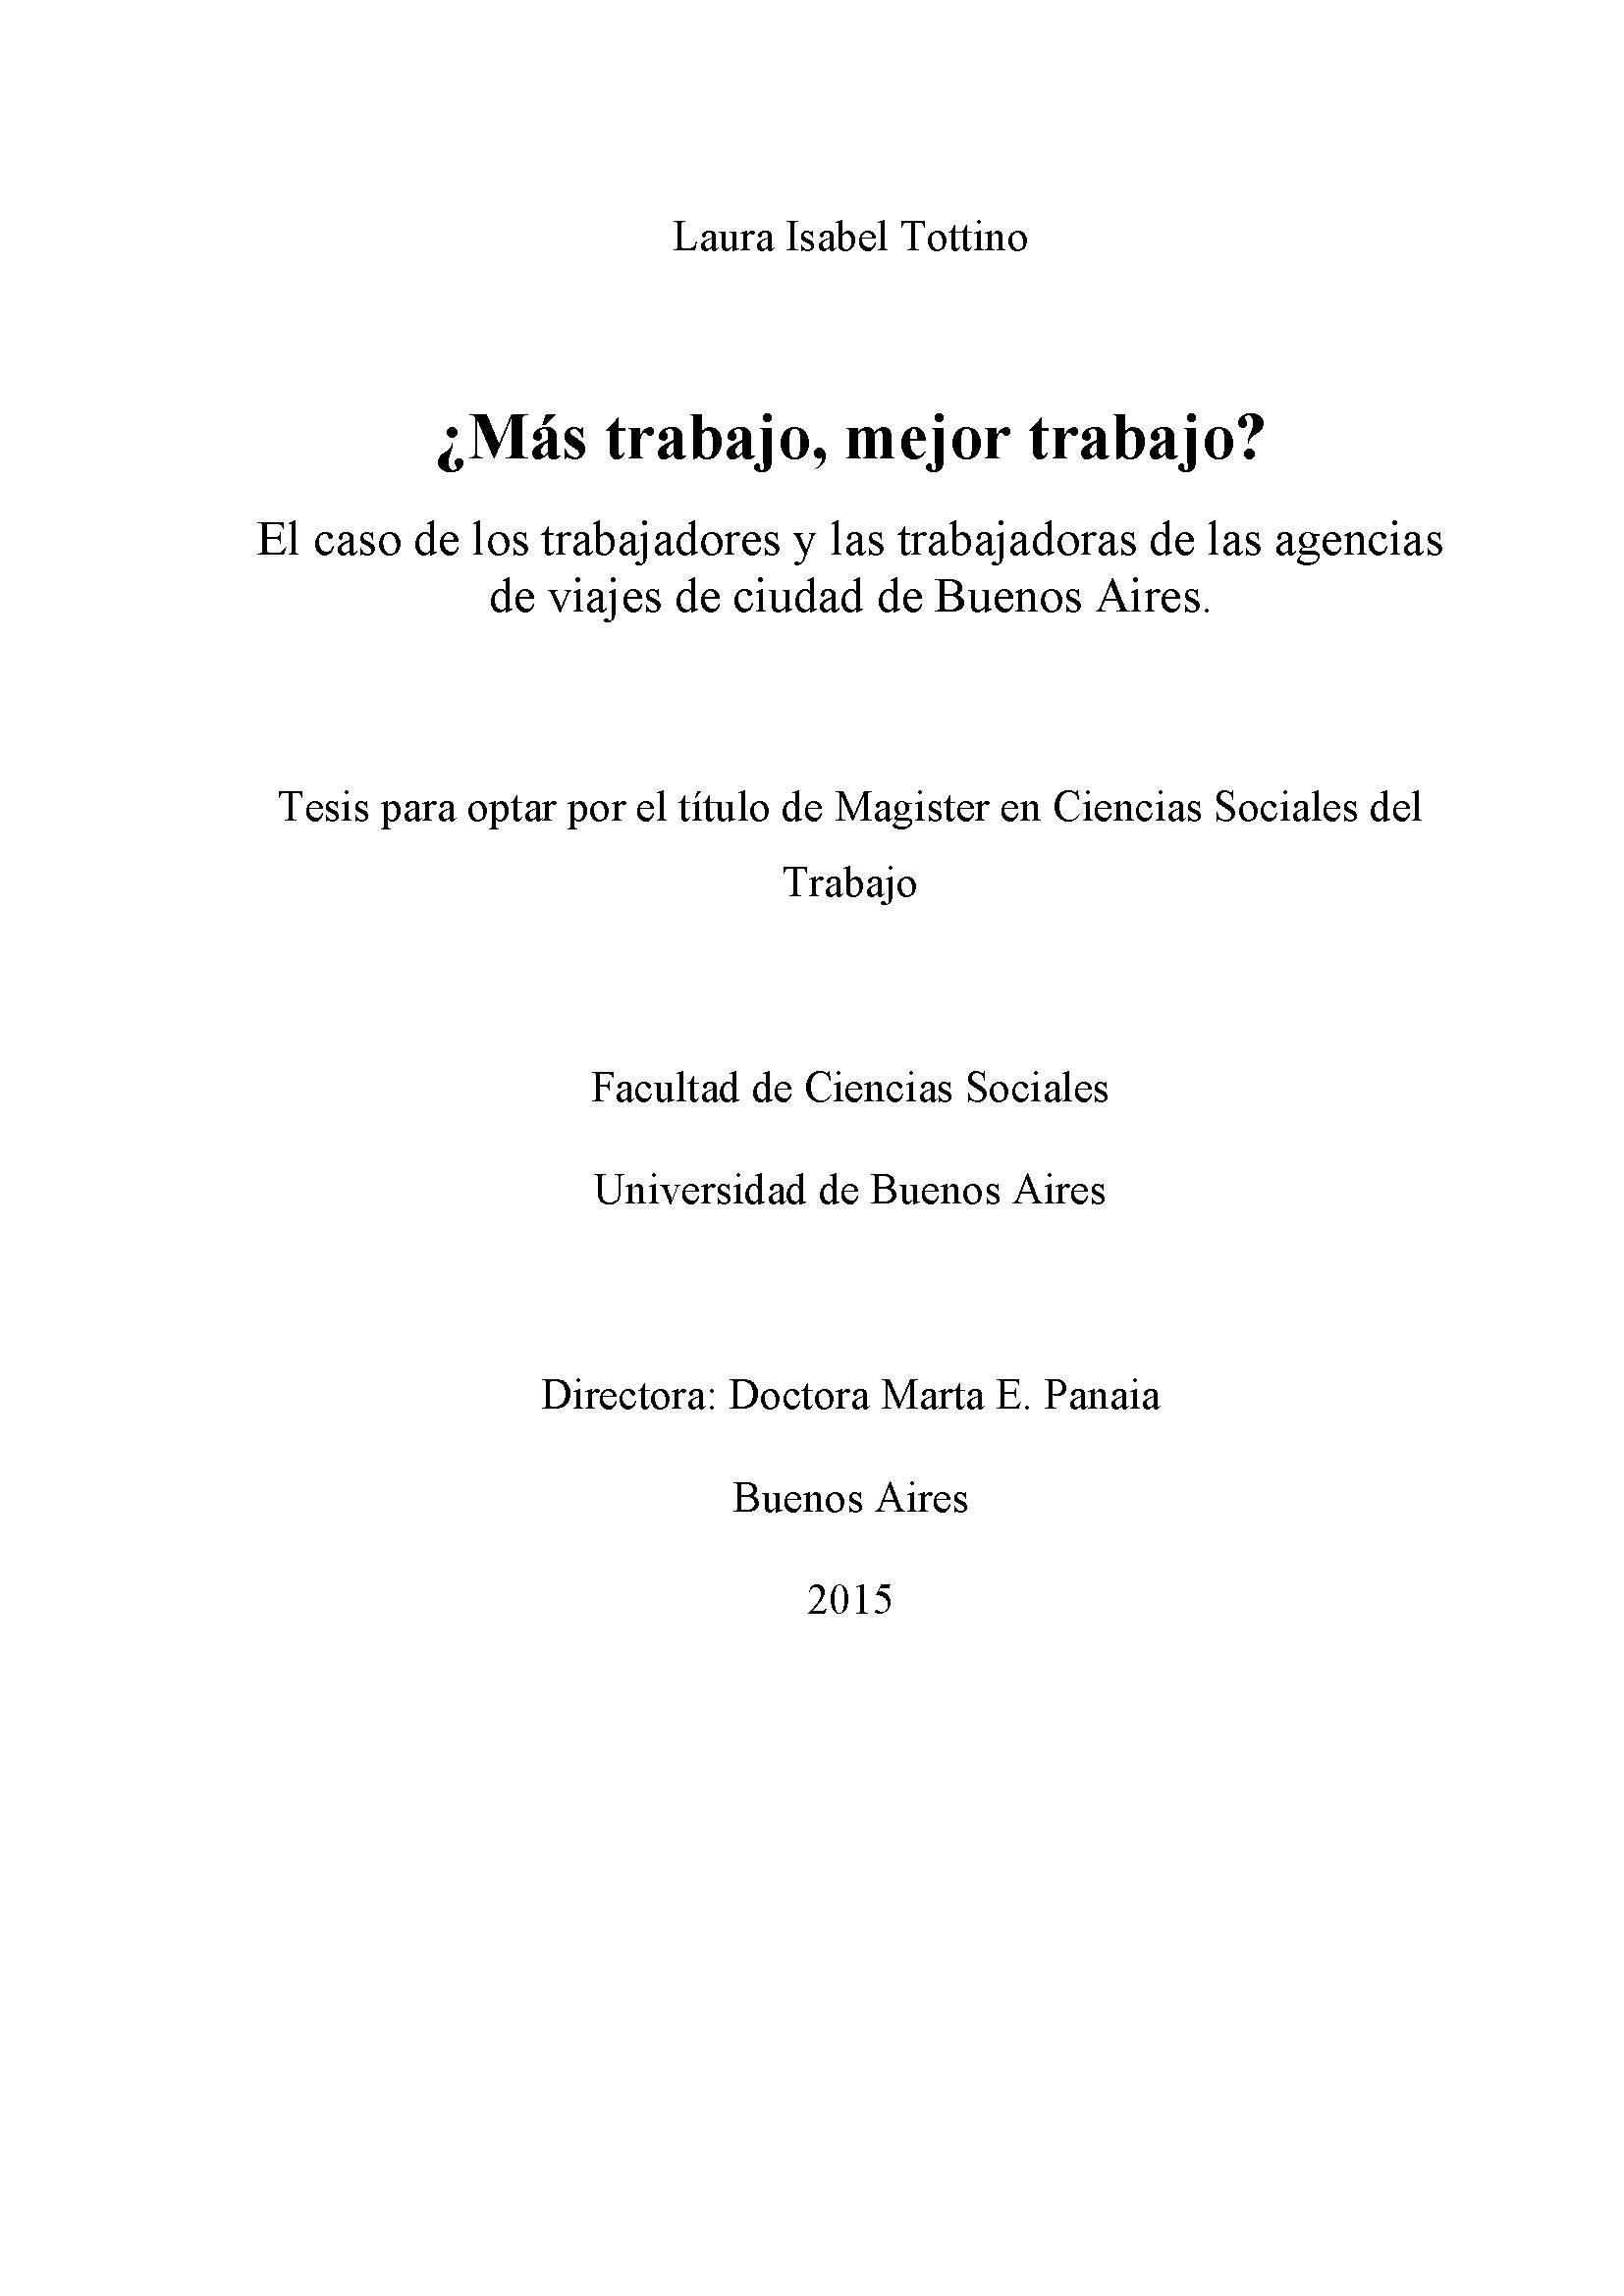 �M�s trabajo, mejor trabajo? : el caso de los trabajadores y las trabajadoras de las agencias de viajes de ciudad de Buenos Aires